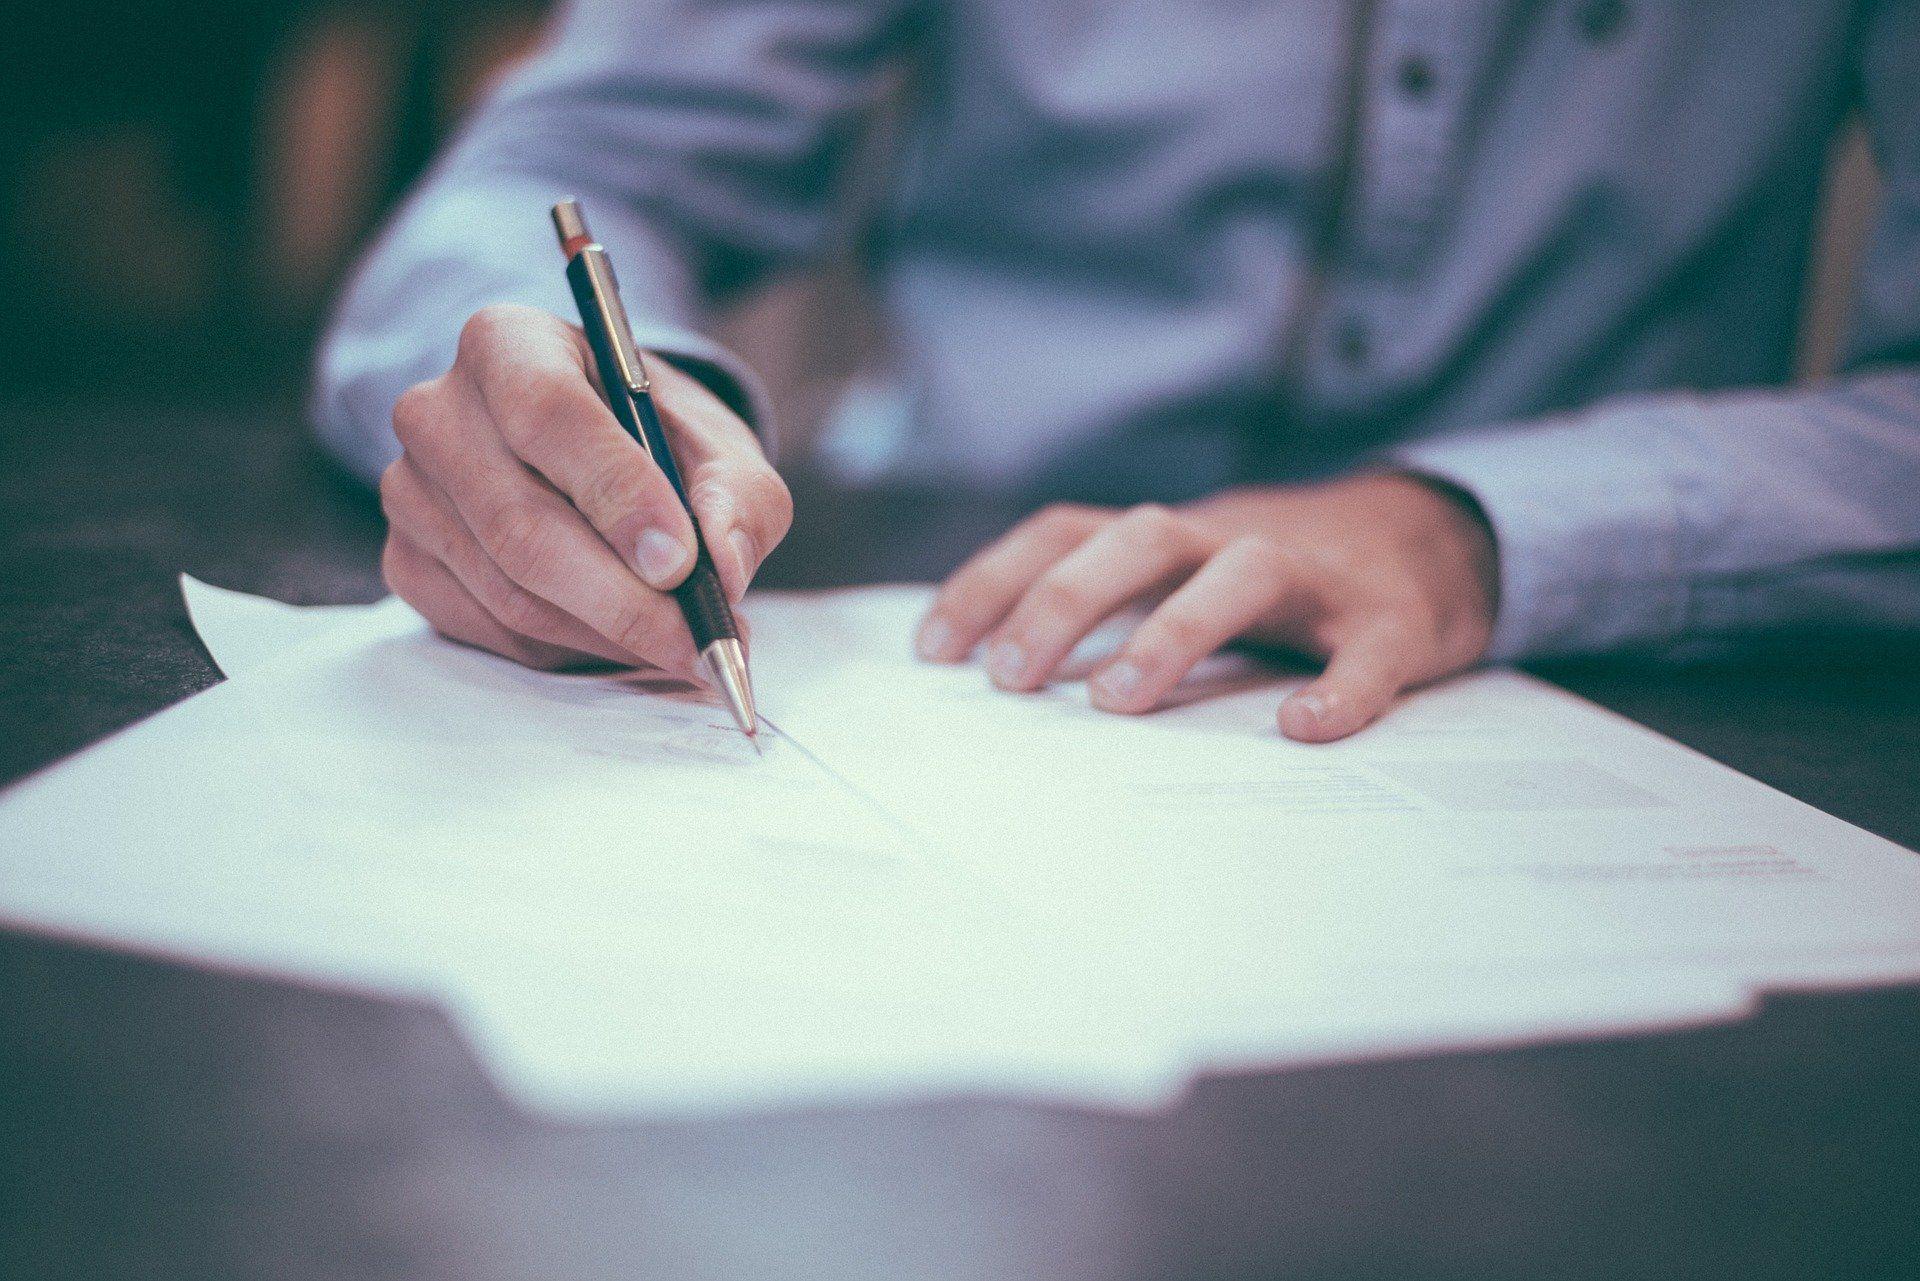 Tekniikka, jolla esseen kirjoittaminen onnistuu varmasti